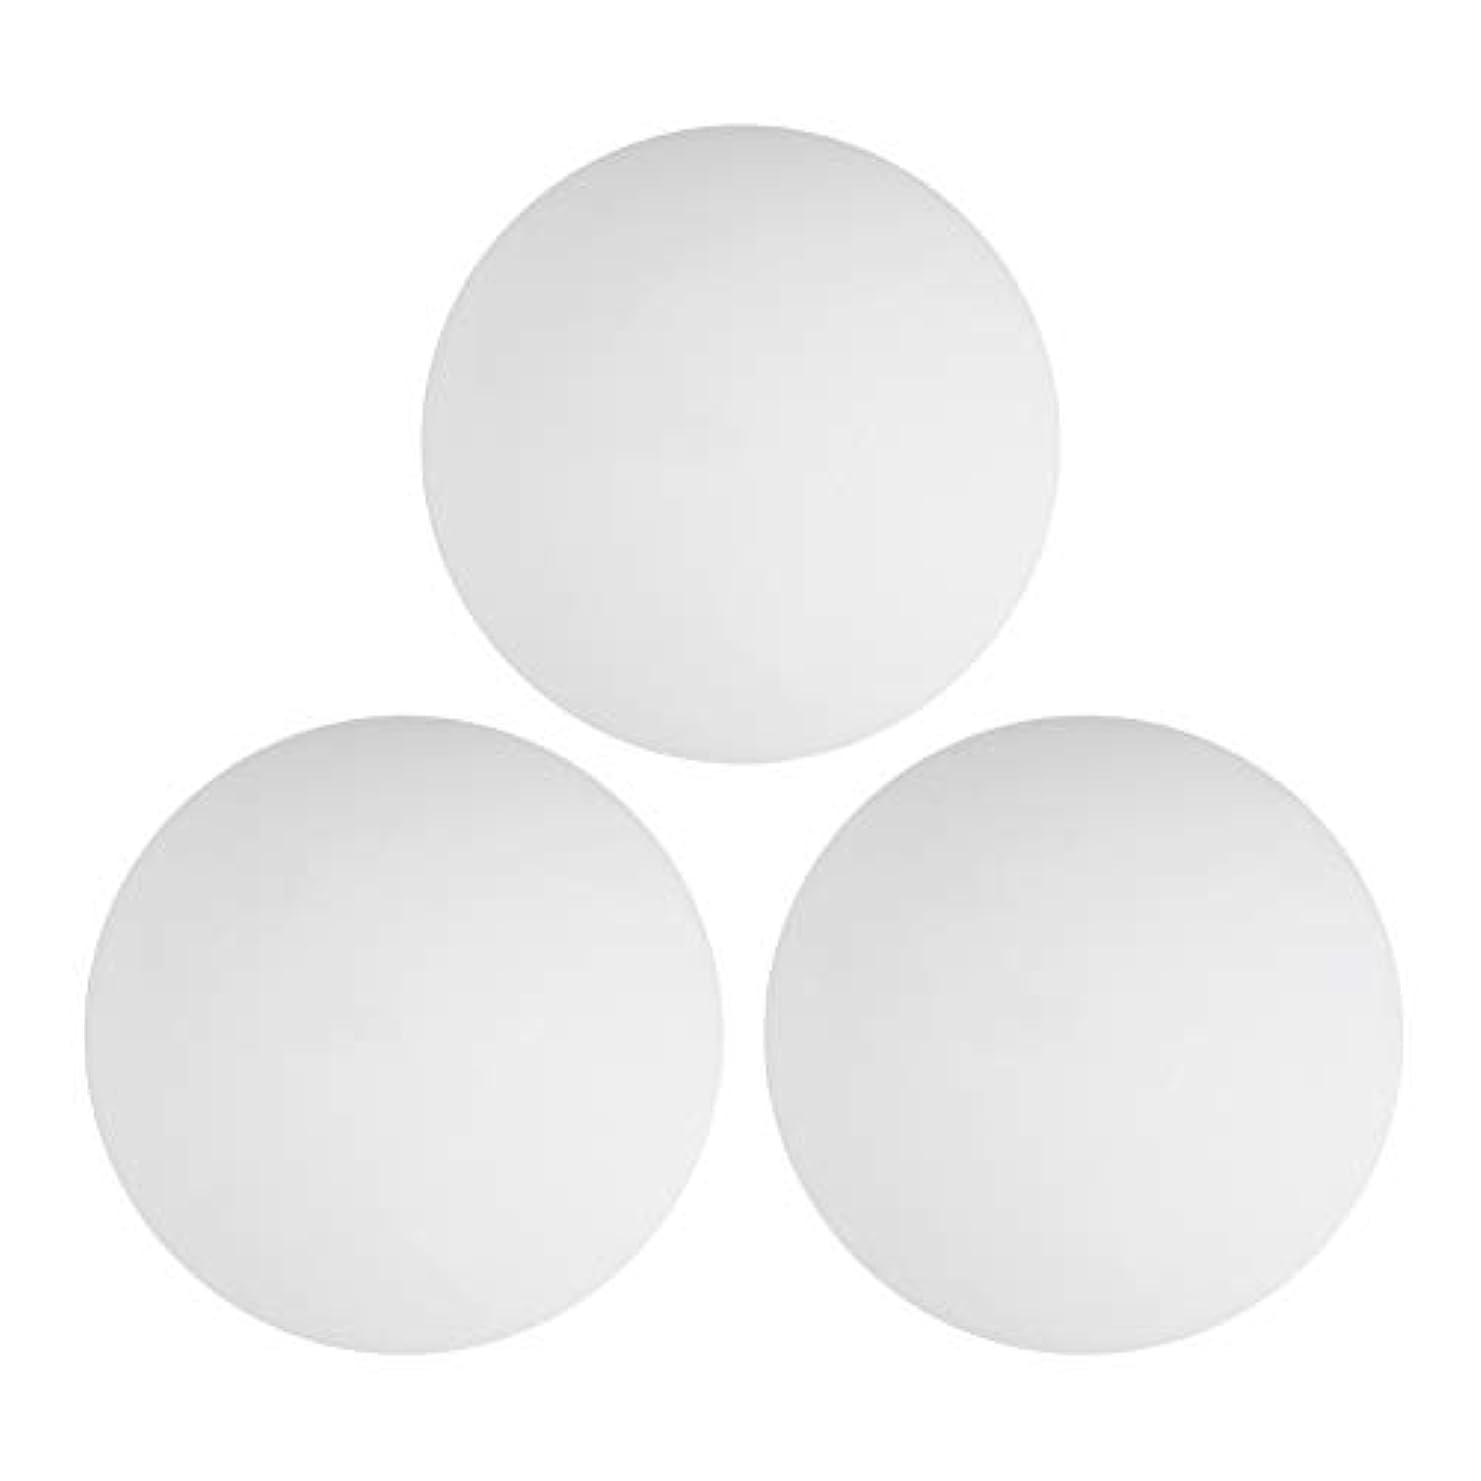 到着する溶かす飛ぶジャグリングボールセット、3PCS 9cm弾性ボールステージピエロパフォーマンスプロップマジックバウンスジャグリングボールおもちゃ(白い)